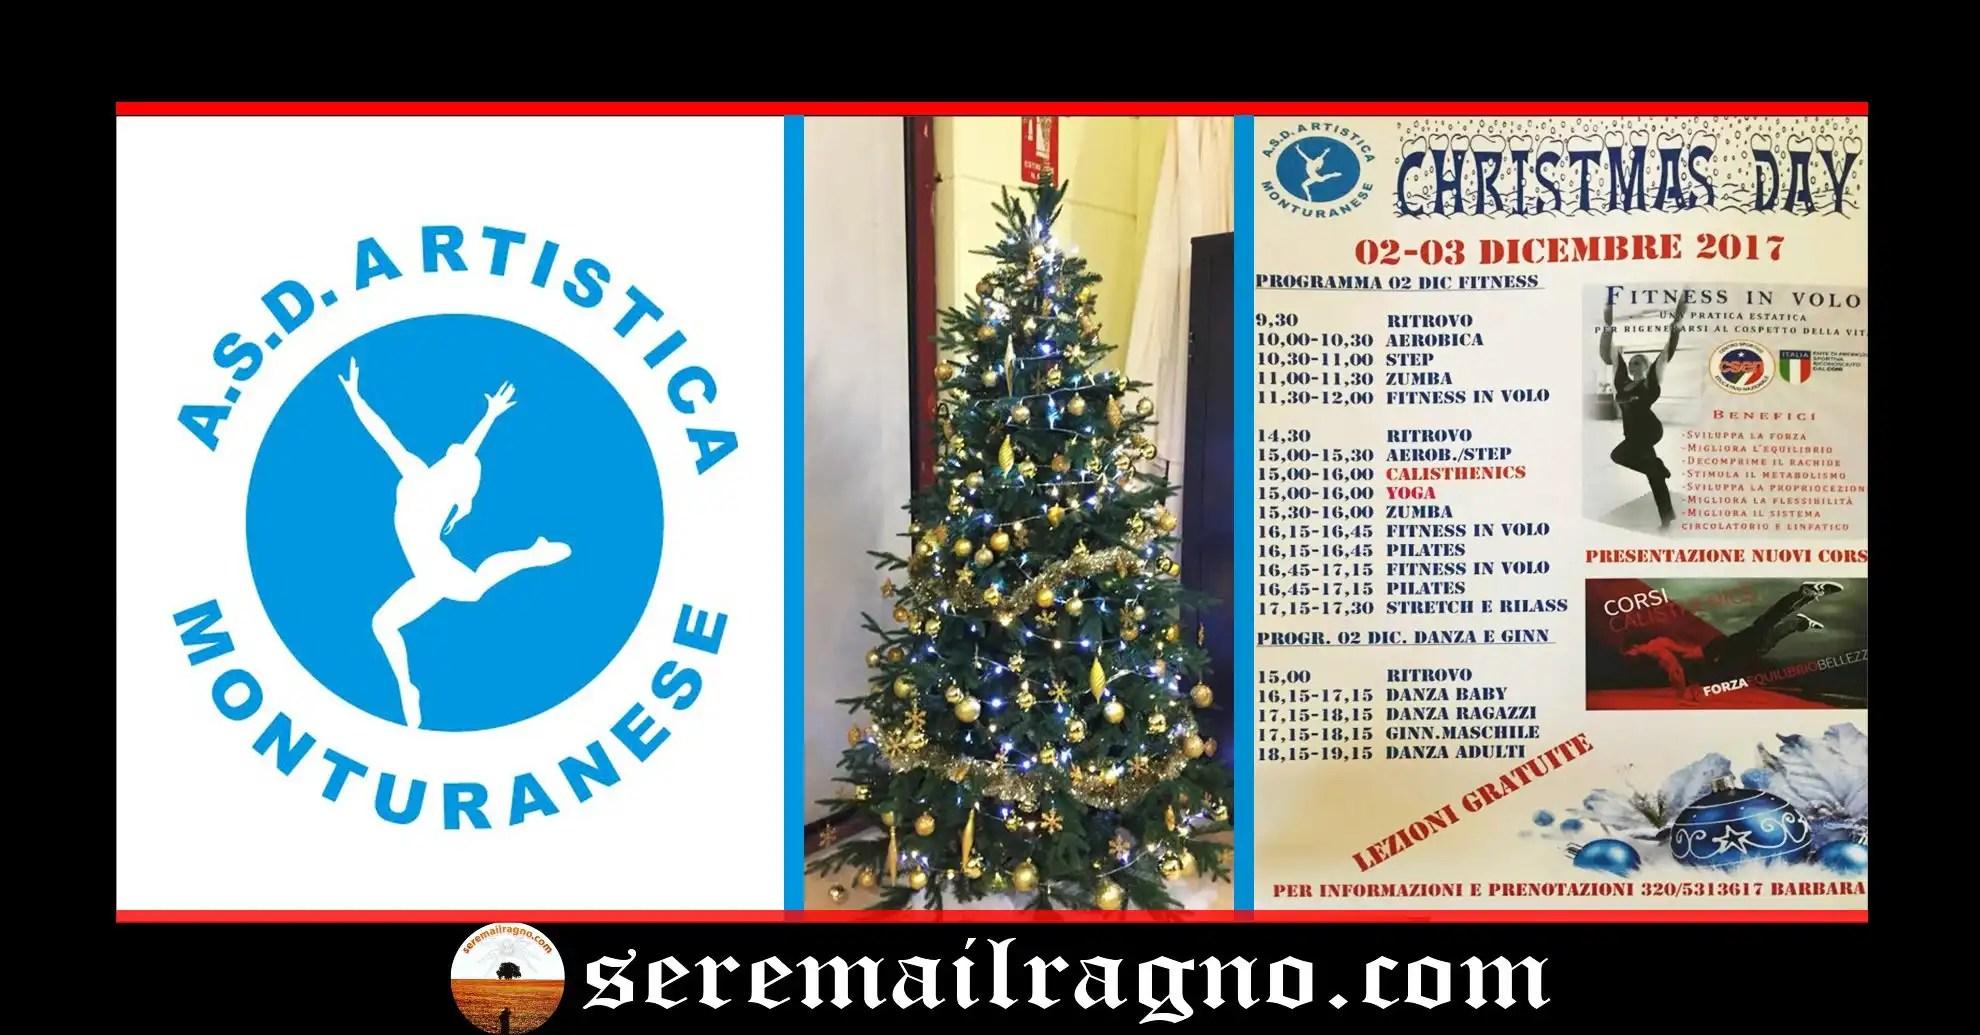 Christmas Day: Open Day con esibizione delle varie discipline sportive